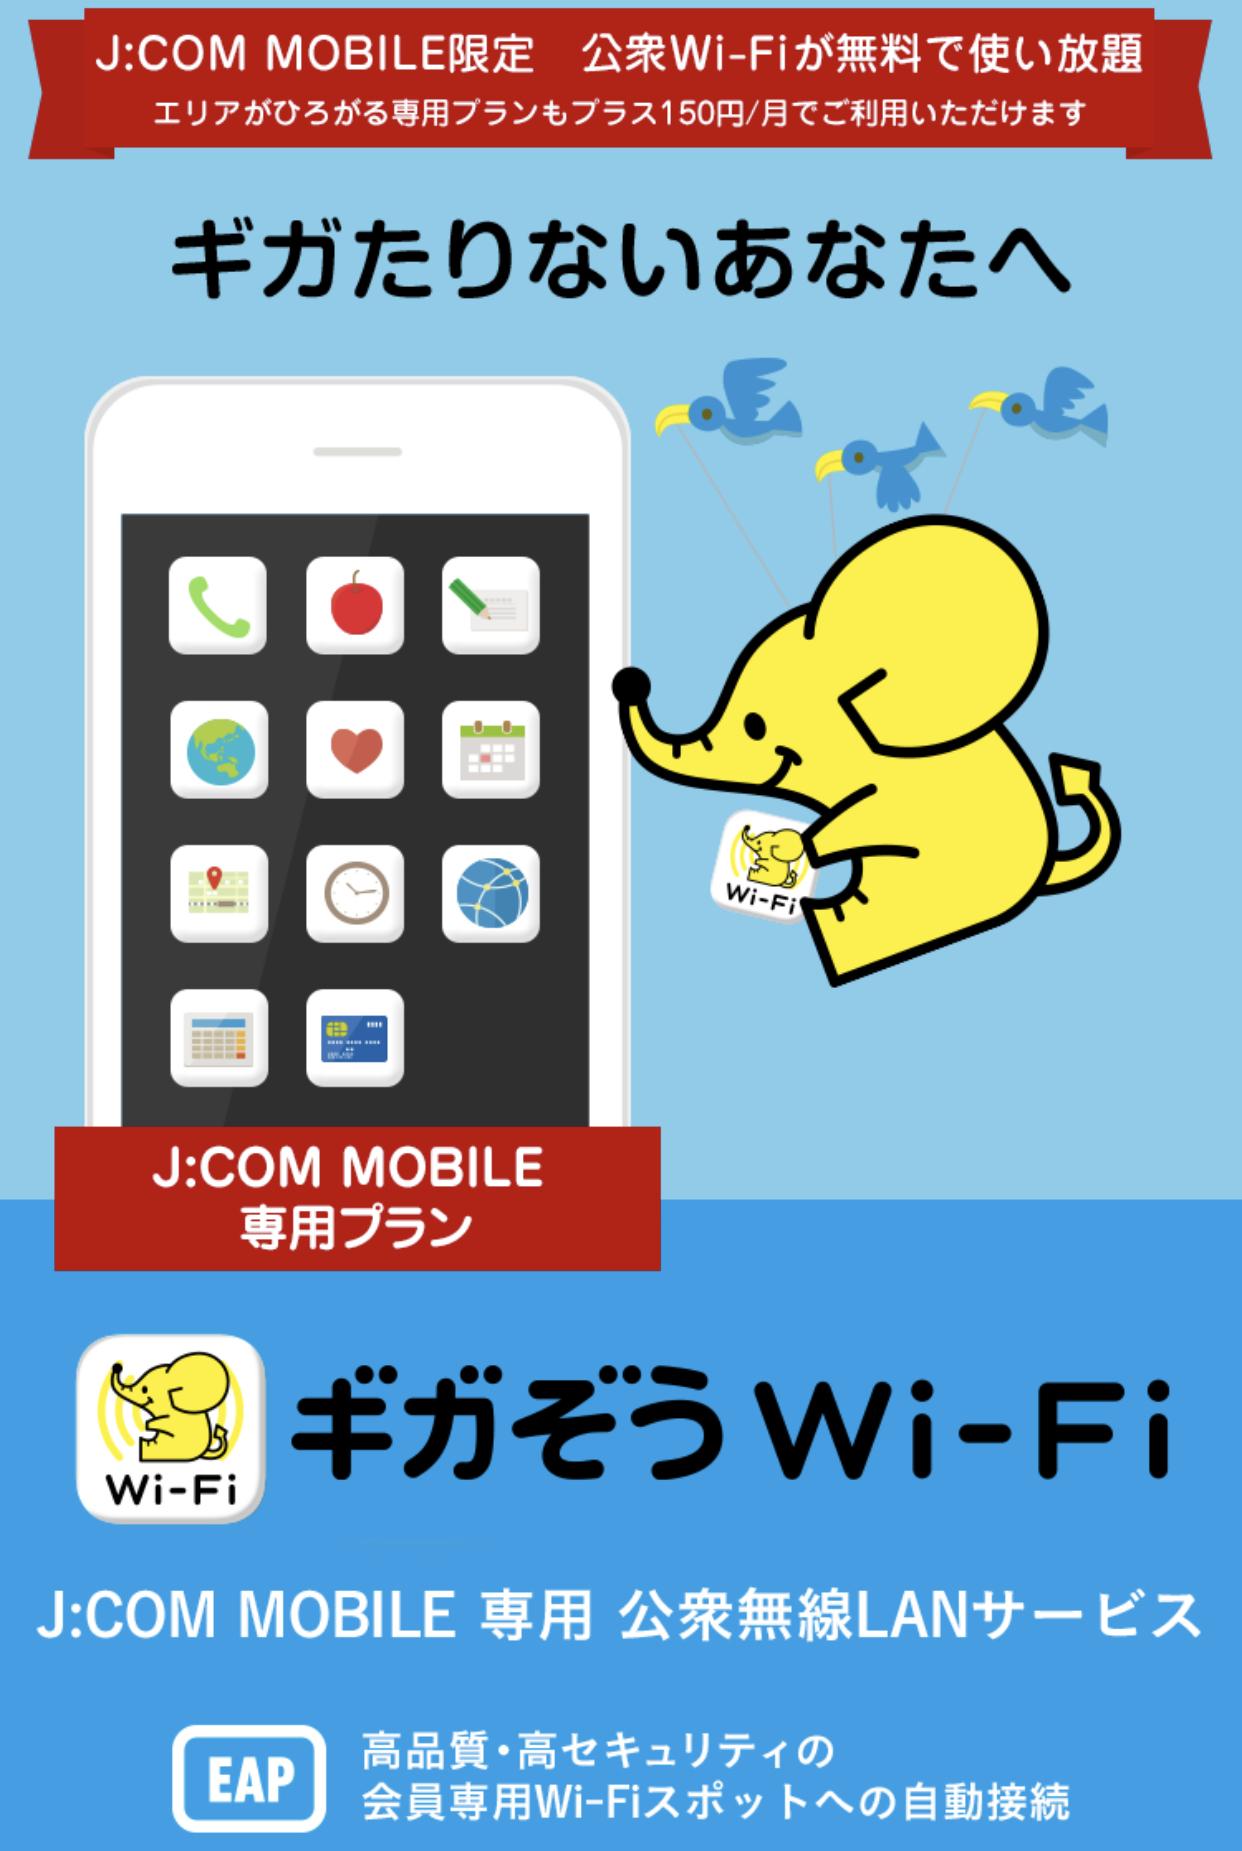 JCOMモバイルのWi-Fi